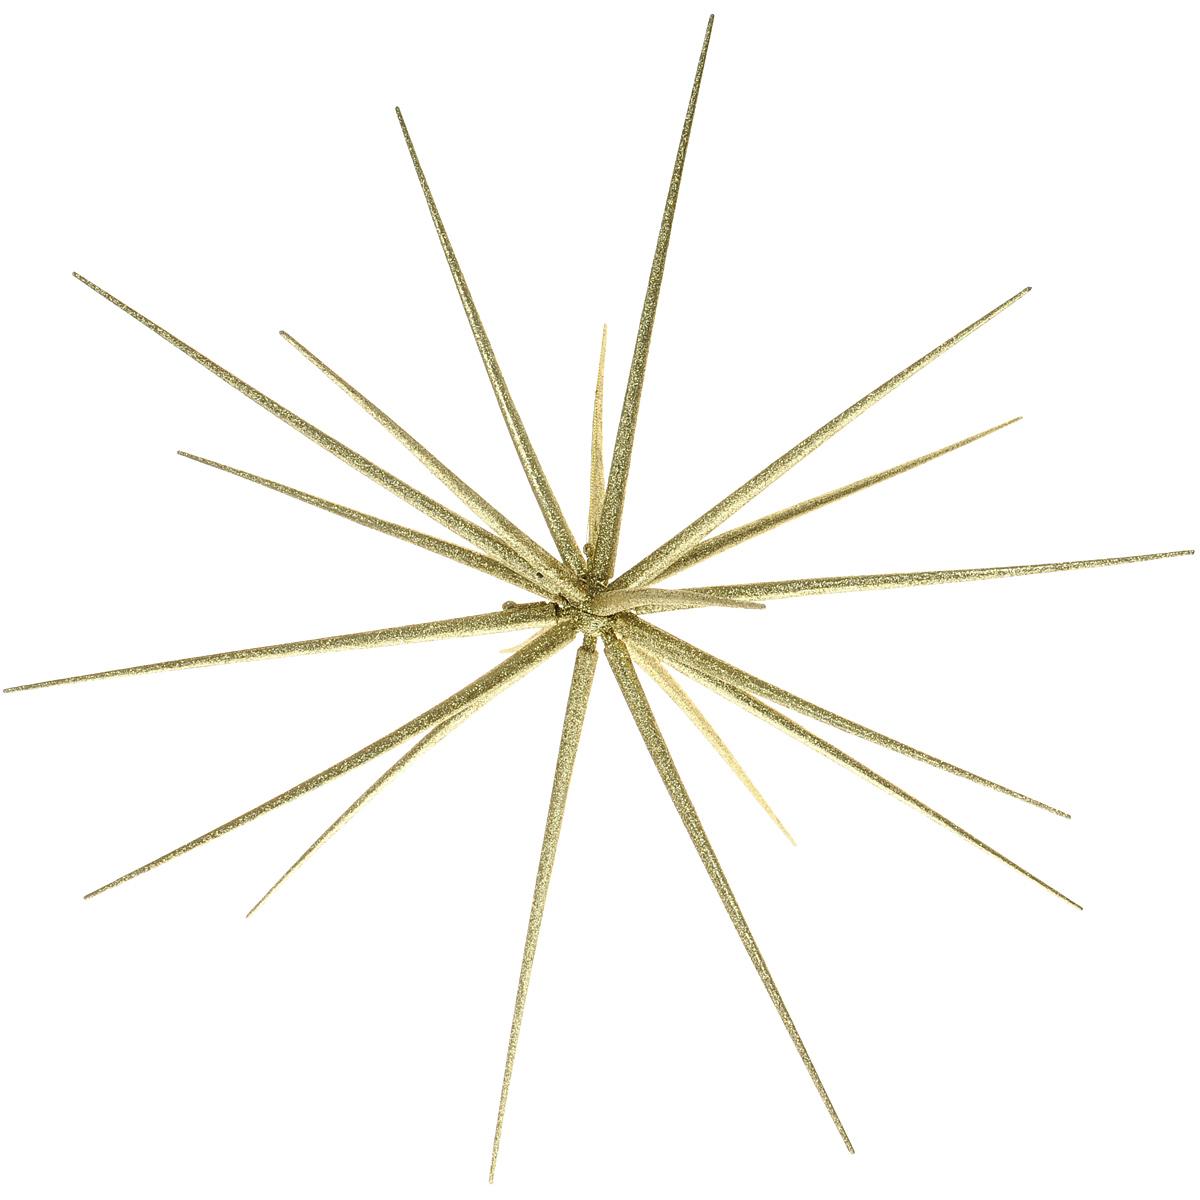 Новогоднее подвесное украшение Орнамент, цвет: золотистый. DB130117GDB130117GНовогоднее подвесное украшение Орнамент выполнено из высококачественного пластика в форме многоконечной звезды и декорировано блестками. Игрушка состоит из основания и длинных наконечников. С помощью специальной текстильной петельки украшение можно повесить в любом понравившемся вам месте. Но удачнее всего такая игрушка будет смотреться на праздничной елке. Елочная игрушка - символ Нового года. Она несет в себе волшебство и красоту праздника. Создайте в своем доме атмосферу веселья и радости, украшая новогоднюю елку нарядными игрушками, которые будут из года в год накапливать теплоту воспоминаний. Диаметр игрушки (в собранном виде): 55 см. Длина наконечника: 29 см. Количество наконечников: 20 шт.